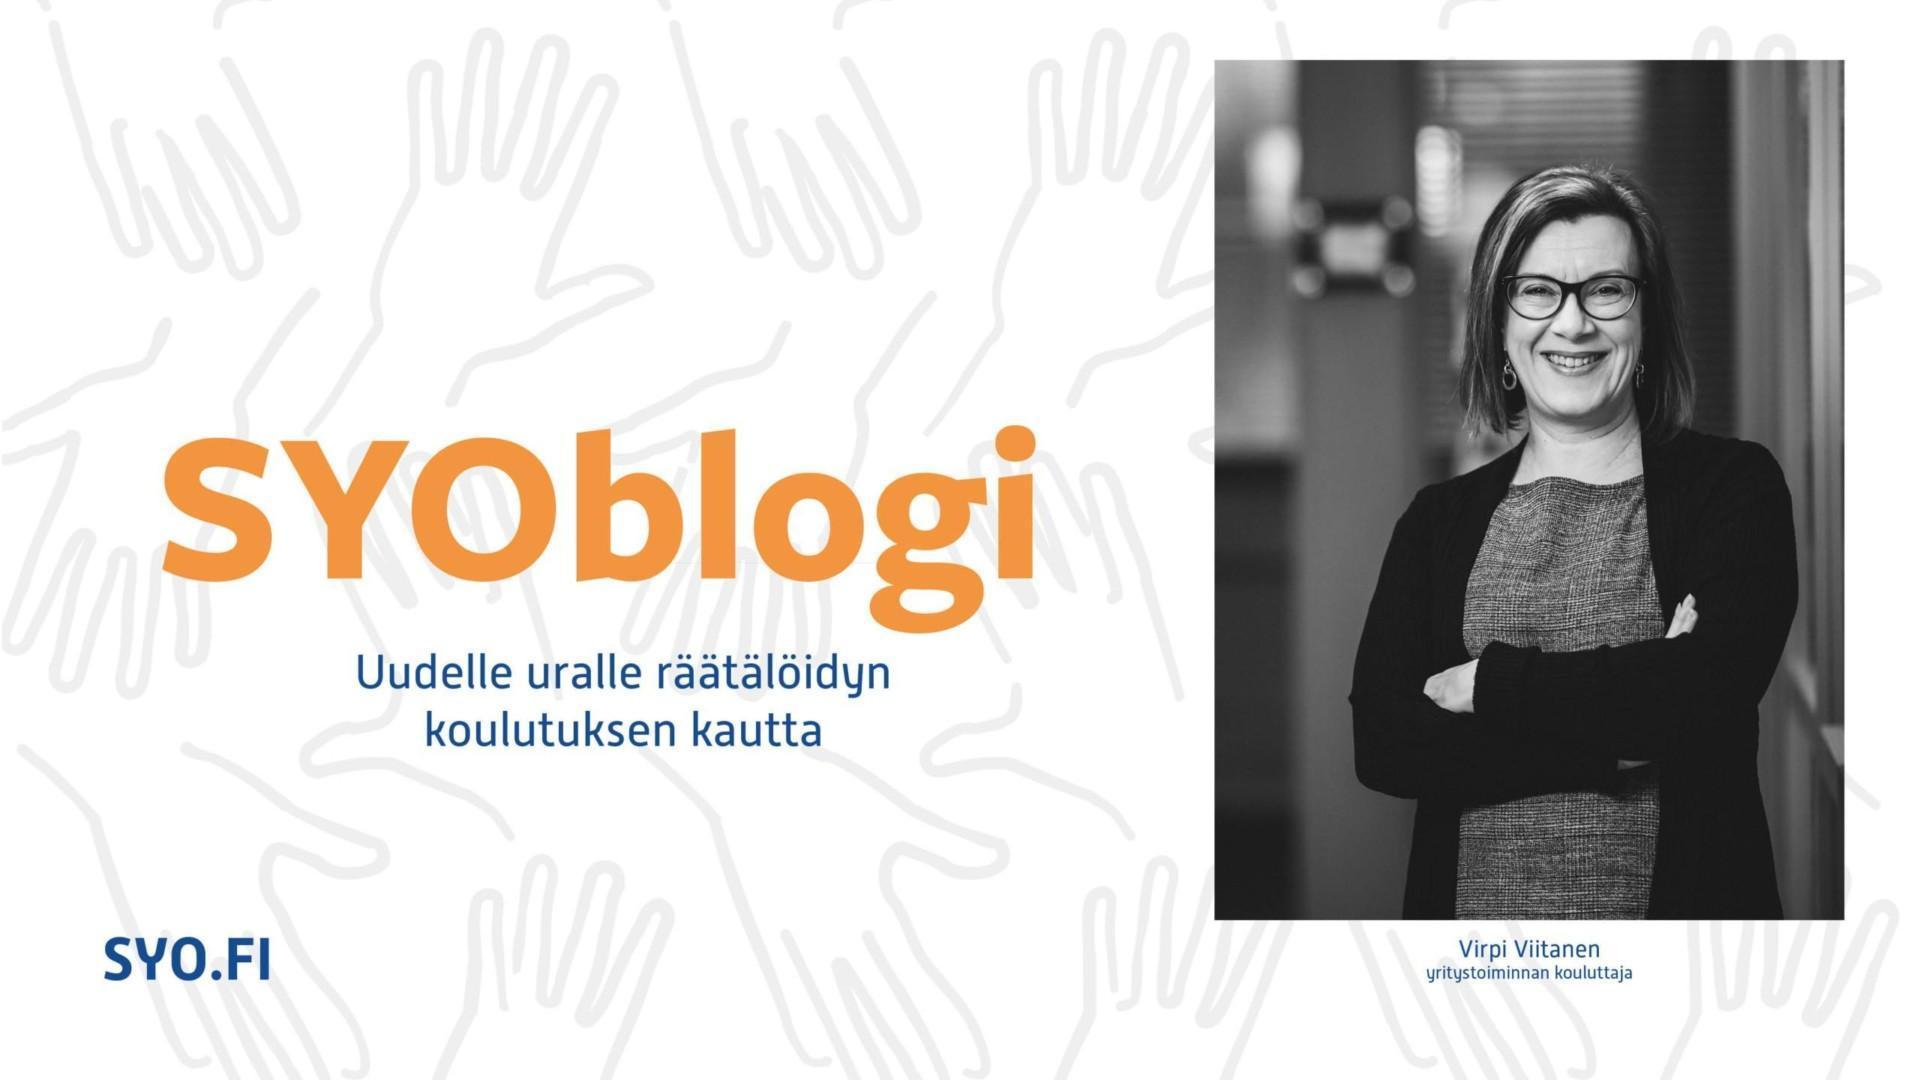 SYOblogi, Uudelle uralle räätälöidyn koulutuksen kautta, koulutusvastaava Virpi Viitanen.